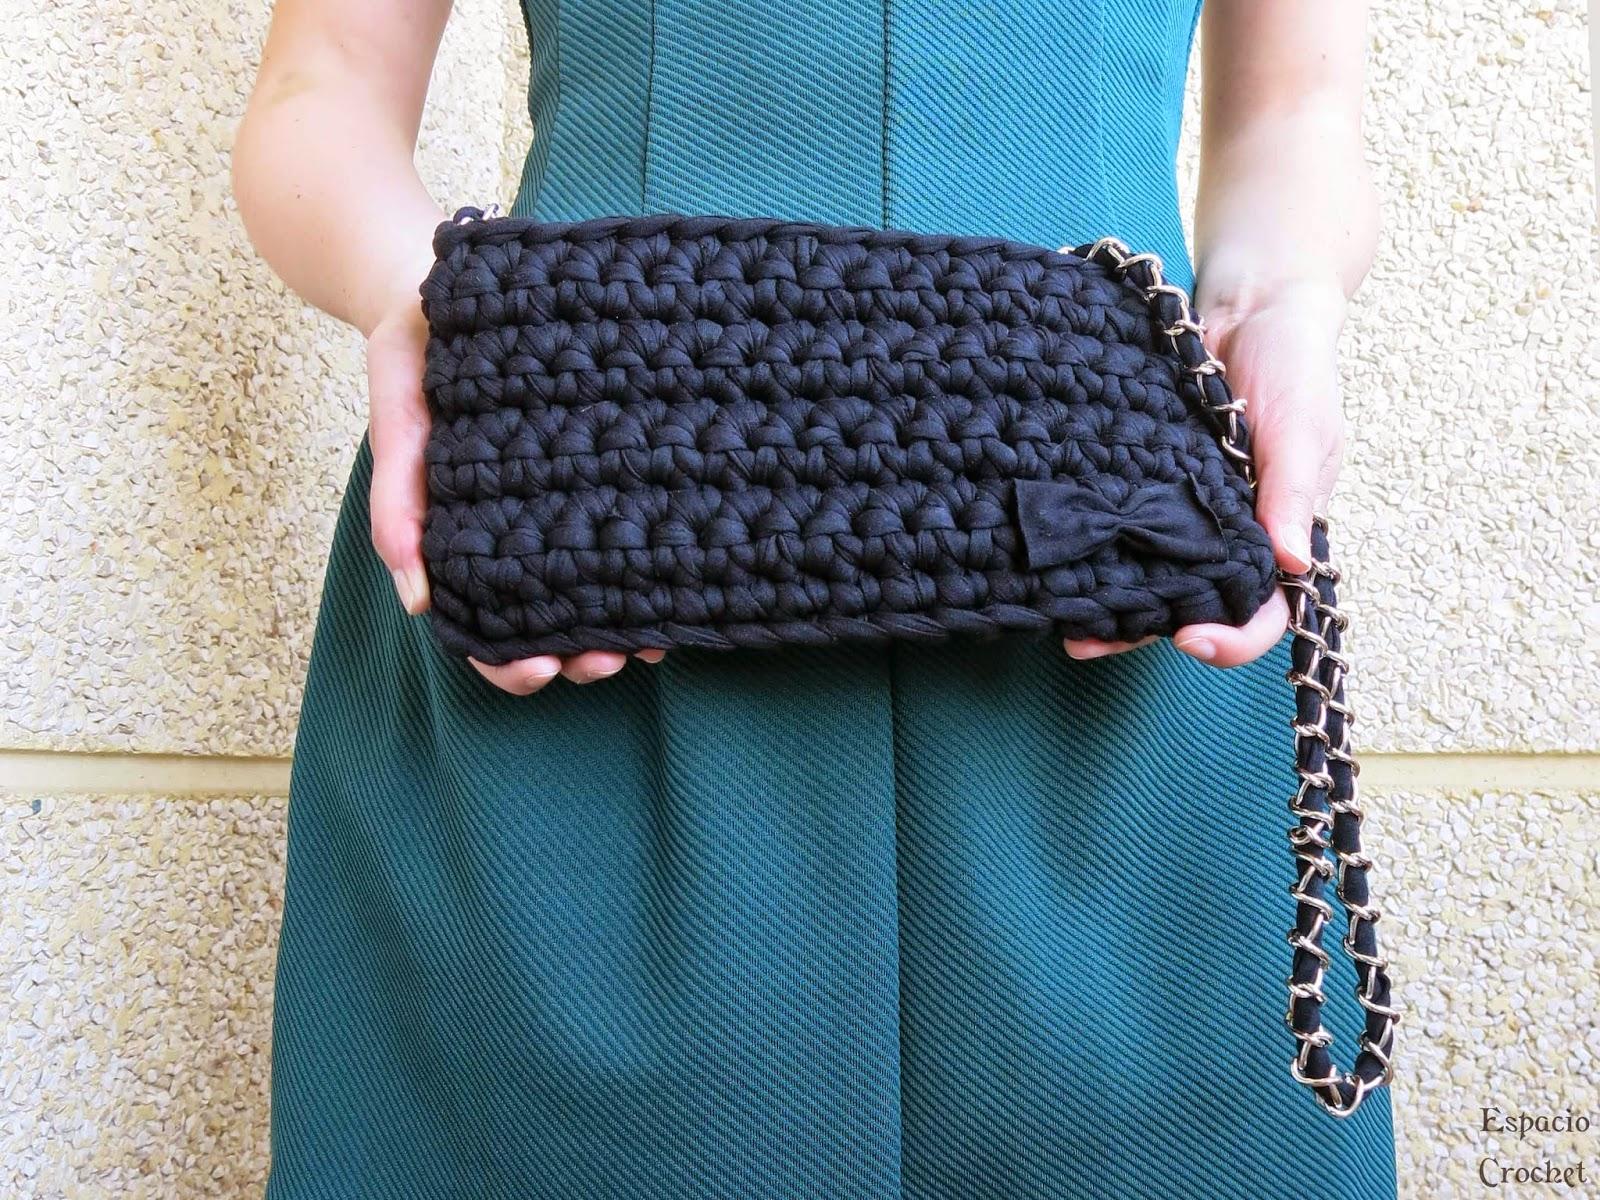 Bolso de trapillo espacio crochet - Como hacer un bolso de trapillo ...